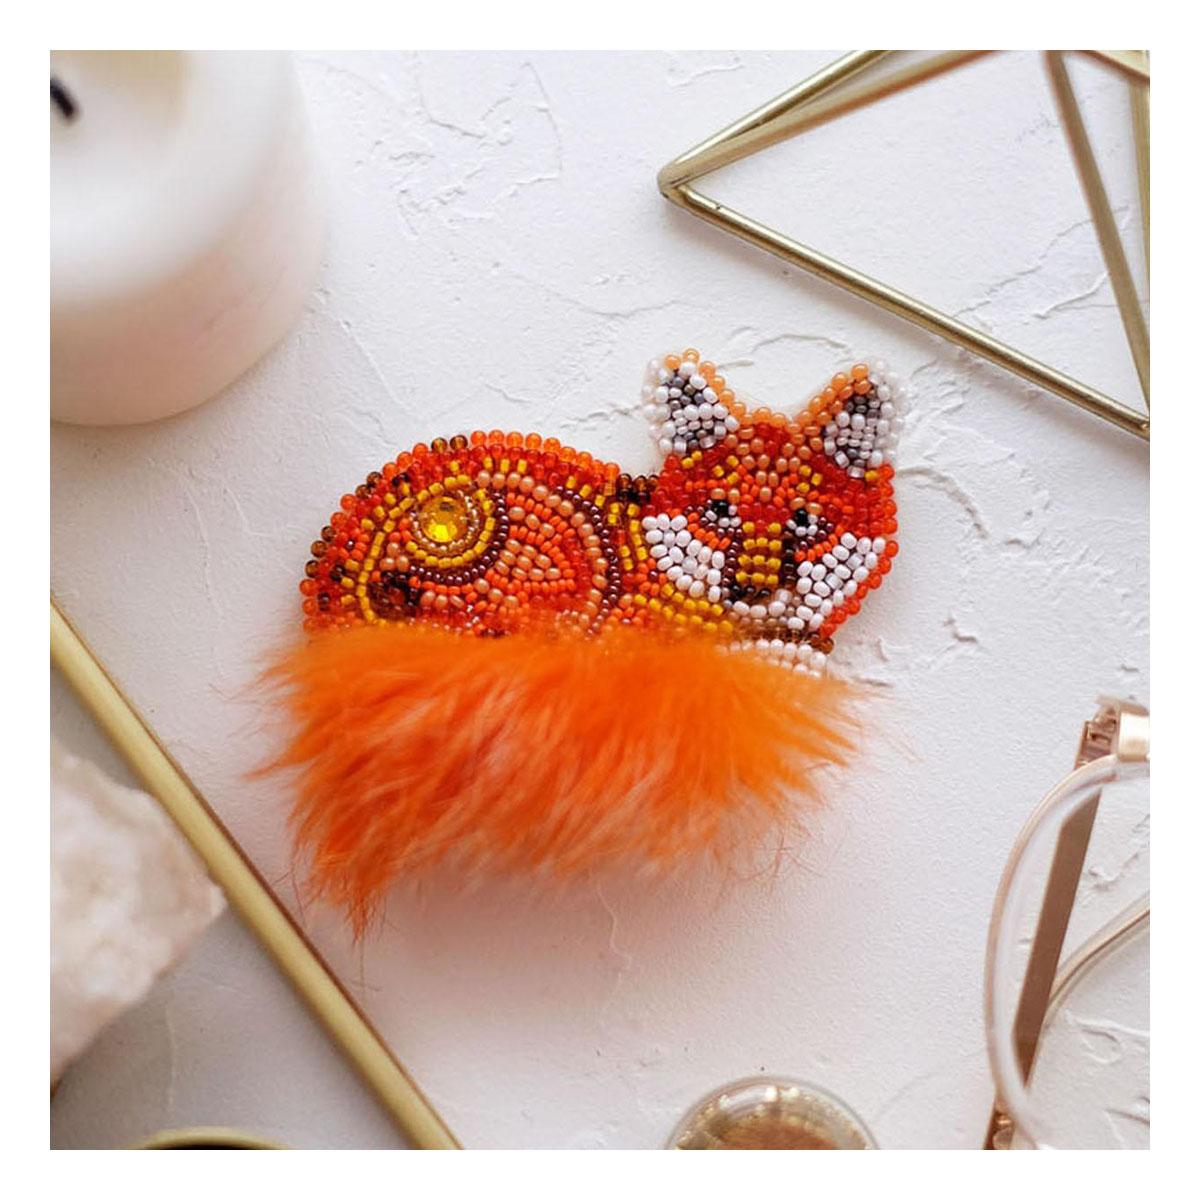 АД-044 Набор для вышивки бисером украшения на натур. художественном холсте 'Рыжехвостая'8,0*6,0см